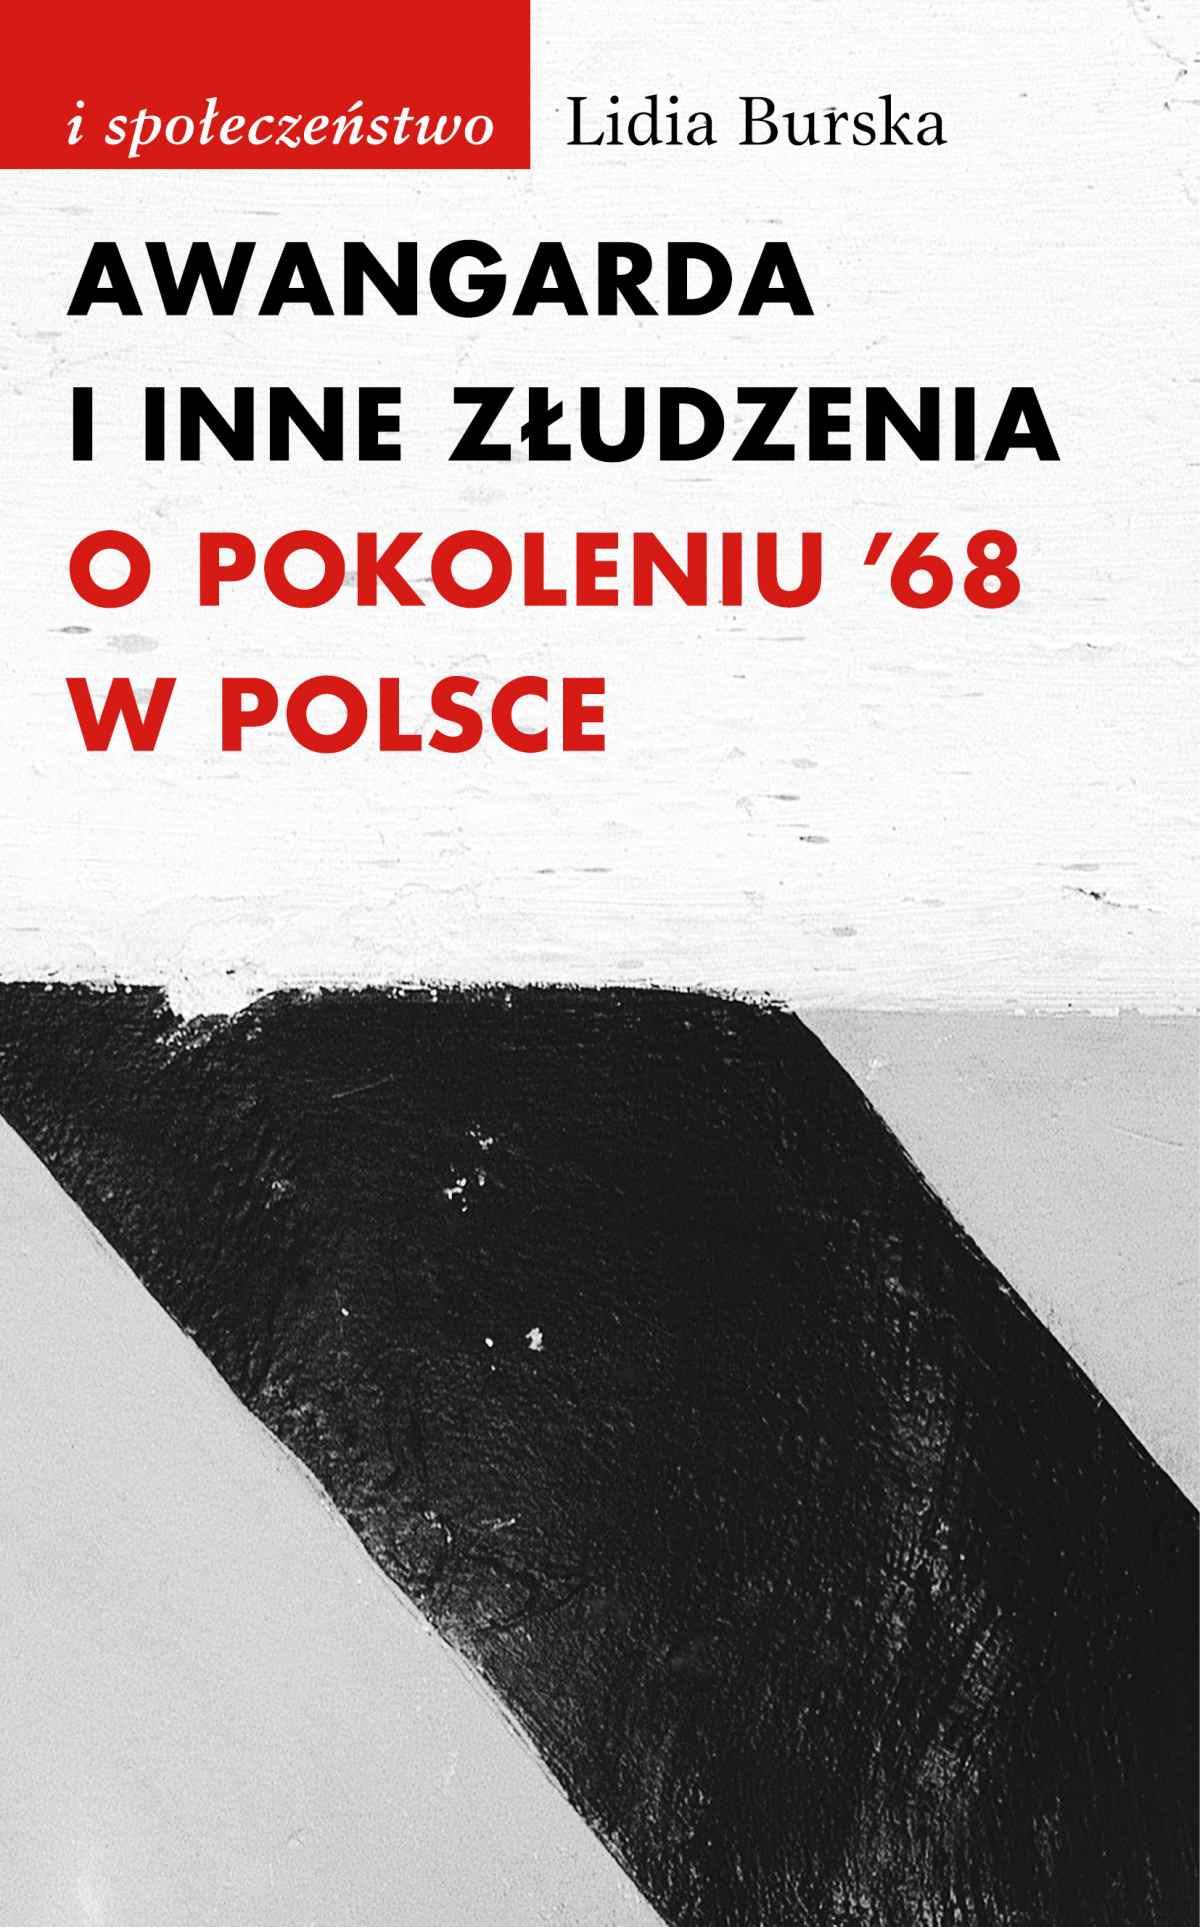 Awangarda i inne złudzenia. O pokoleniu '68 w Polsce - Ebook (Książka na Kindle) do pobrania w formacie MOBI